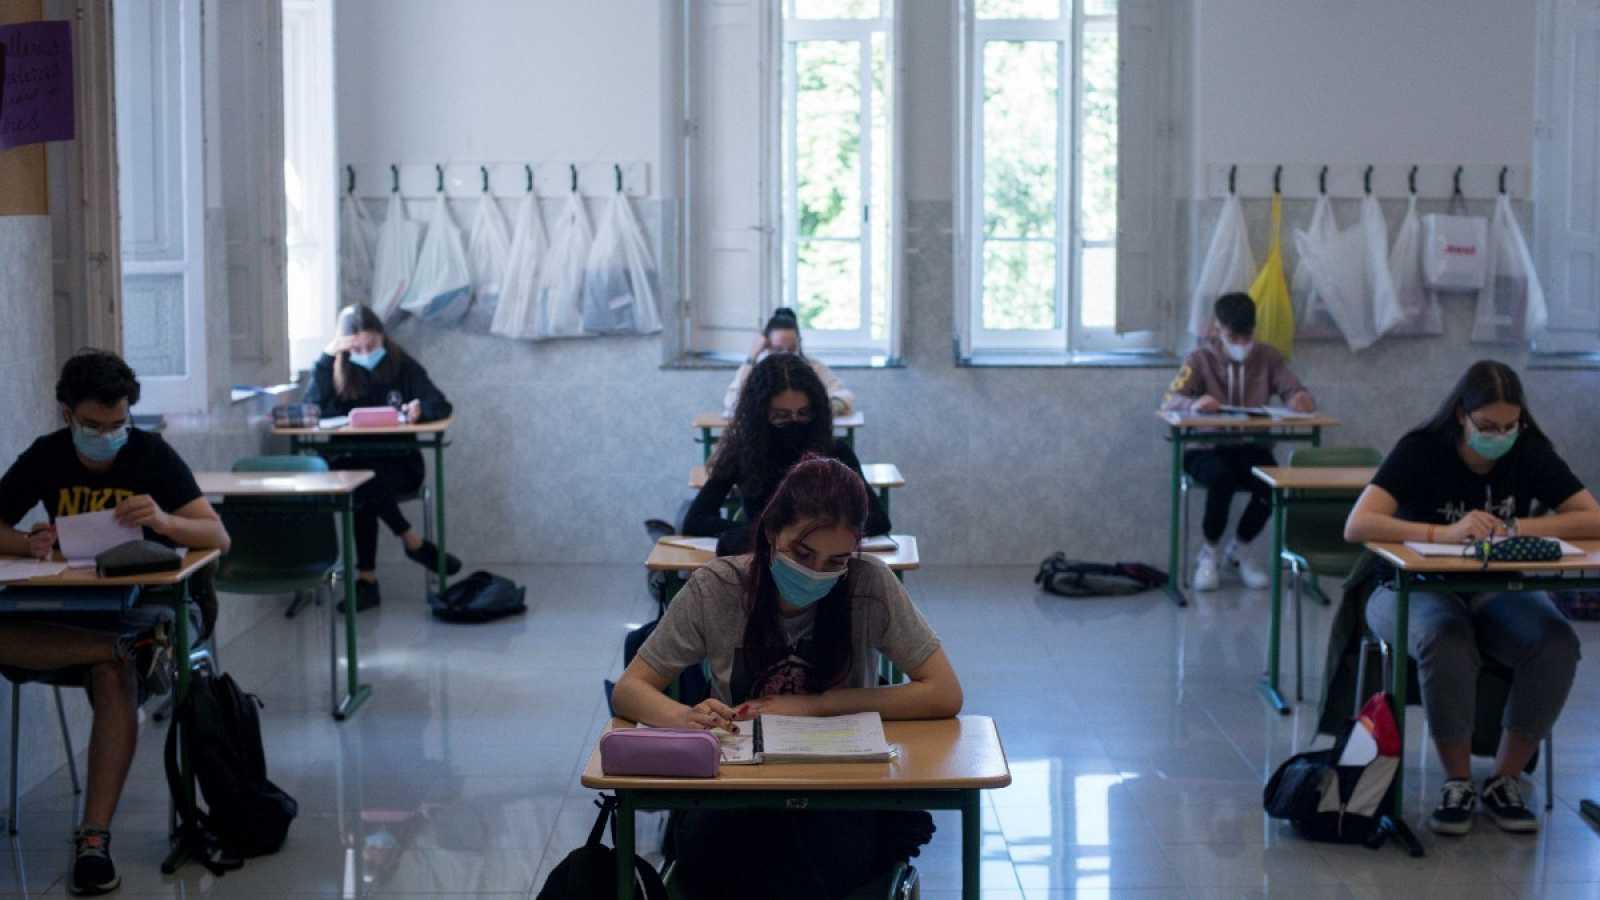 Alumnos de segundo de bachillerato asisten a clase en las aulas de un colegio en Ourense, cuando se inicia la desescalada en materia educativa tras la pandemia de coronavirus.